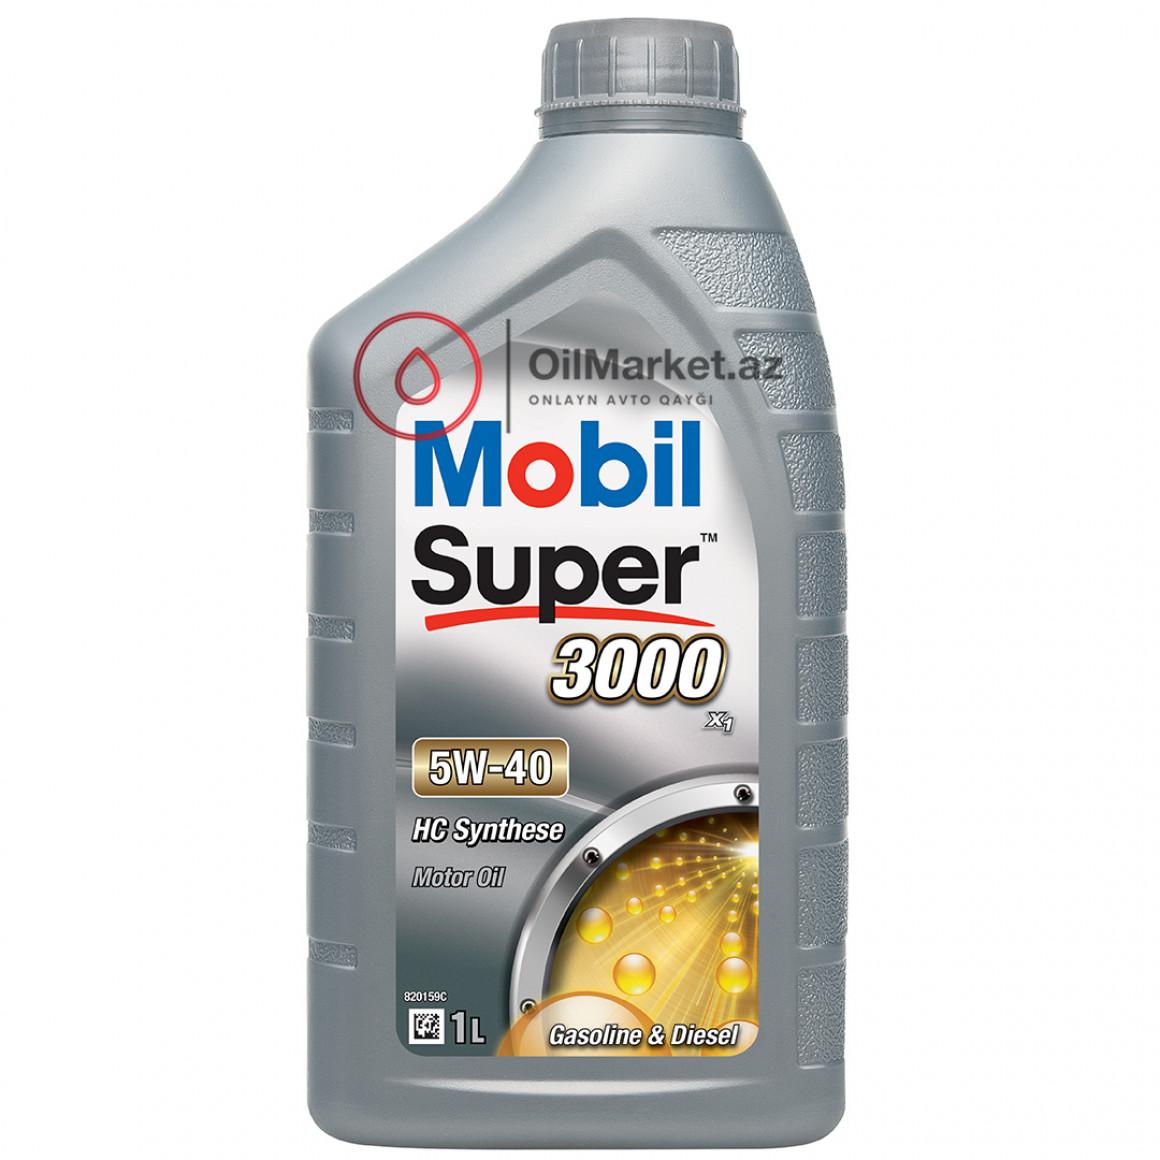 Mobil Super 3000 X1 5W-40 - 4 Lt